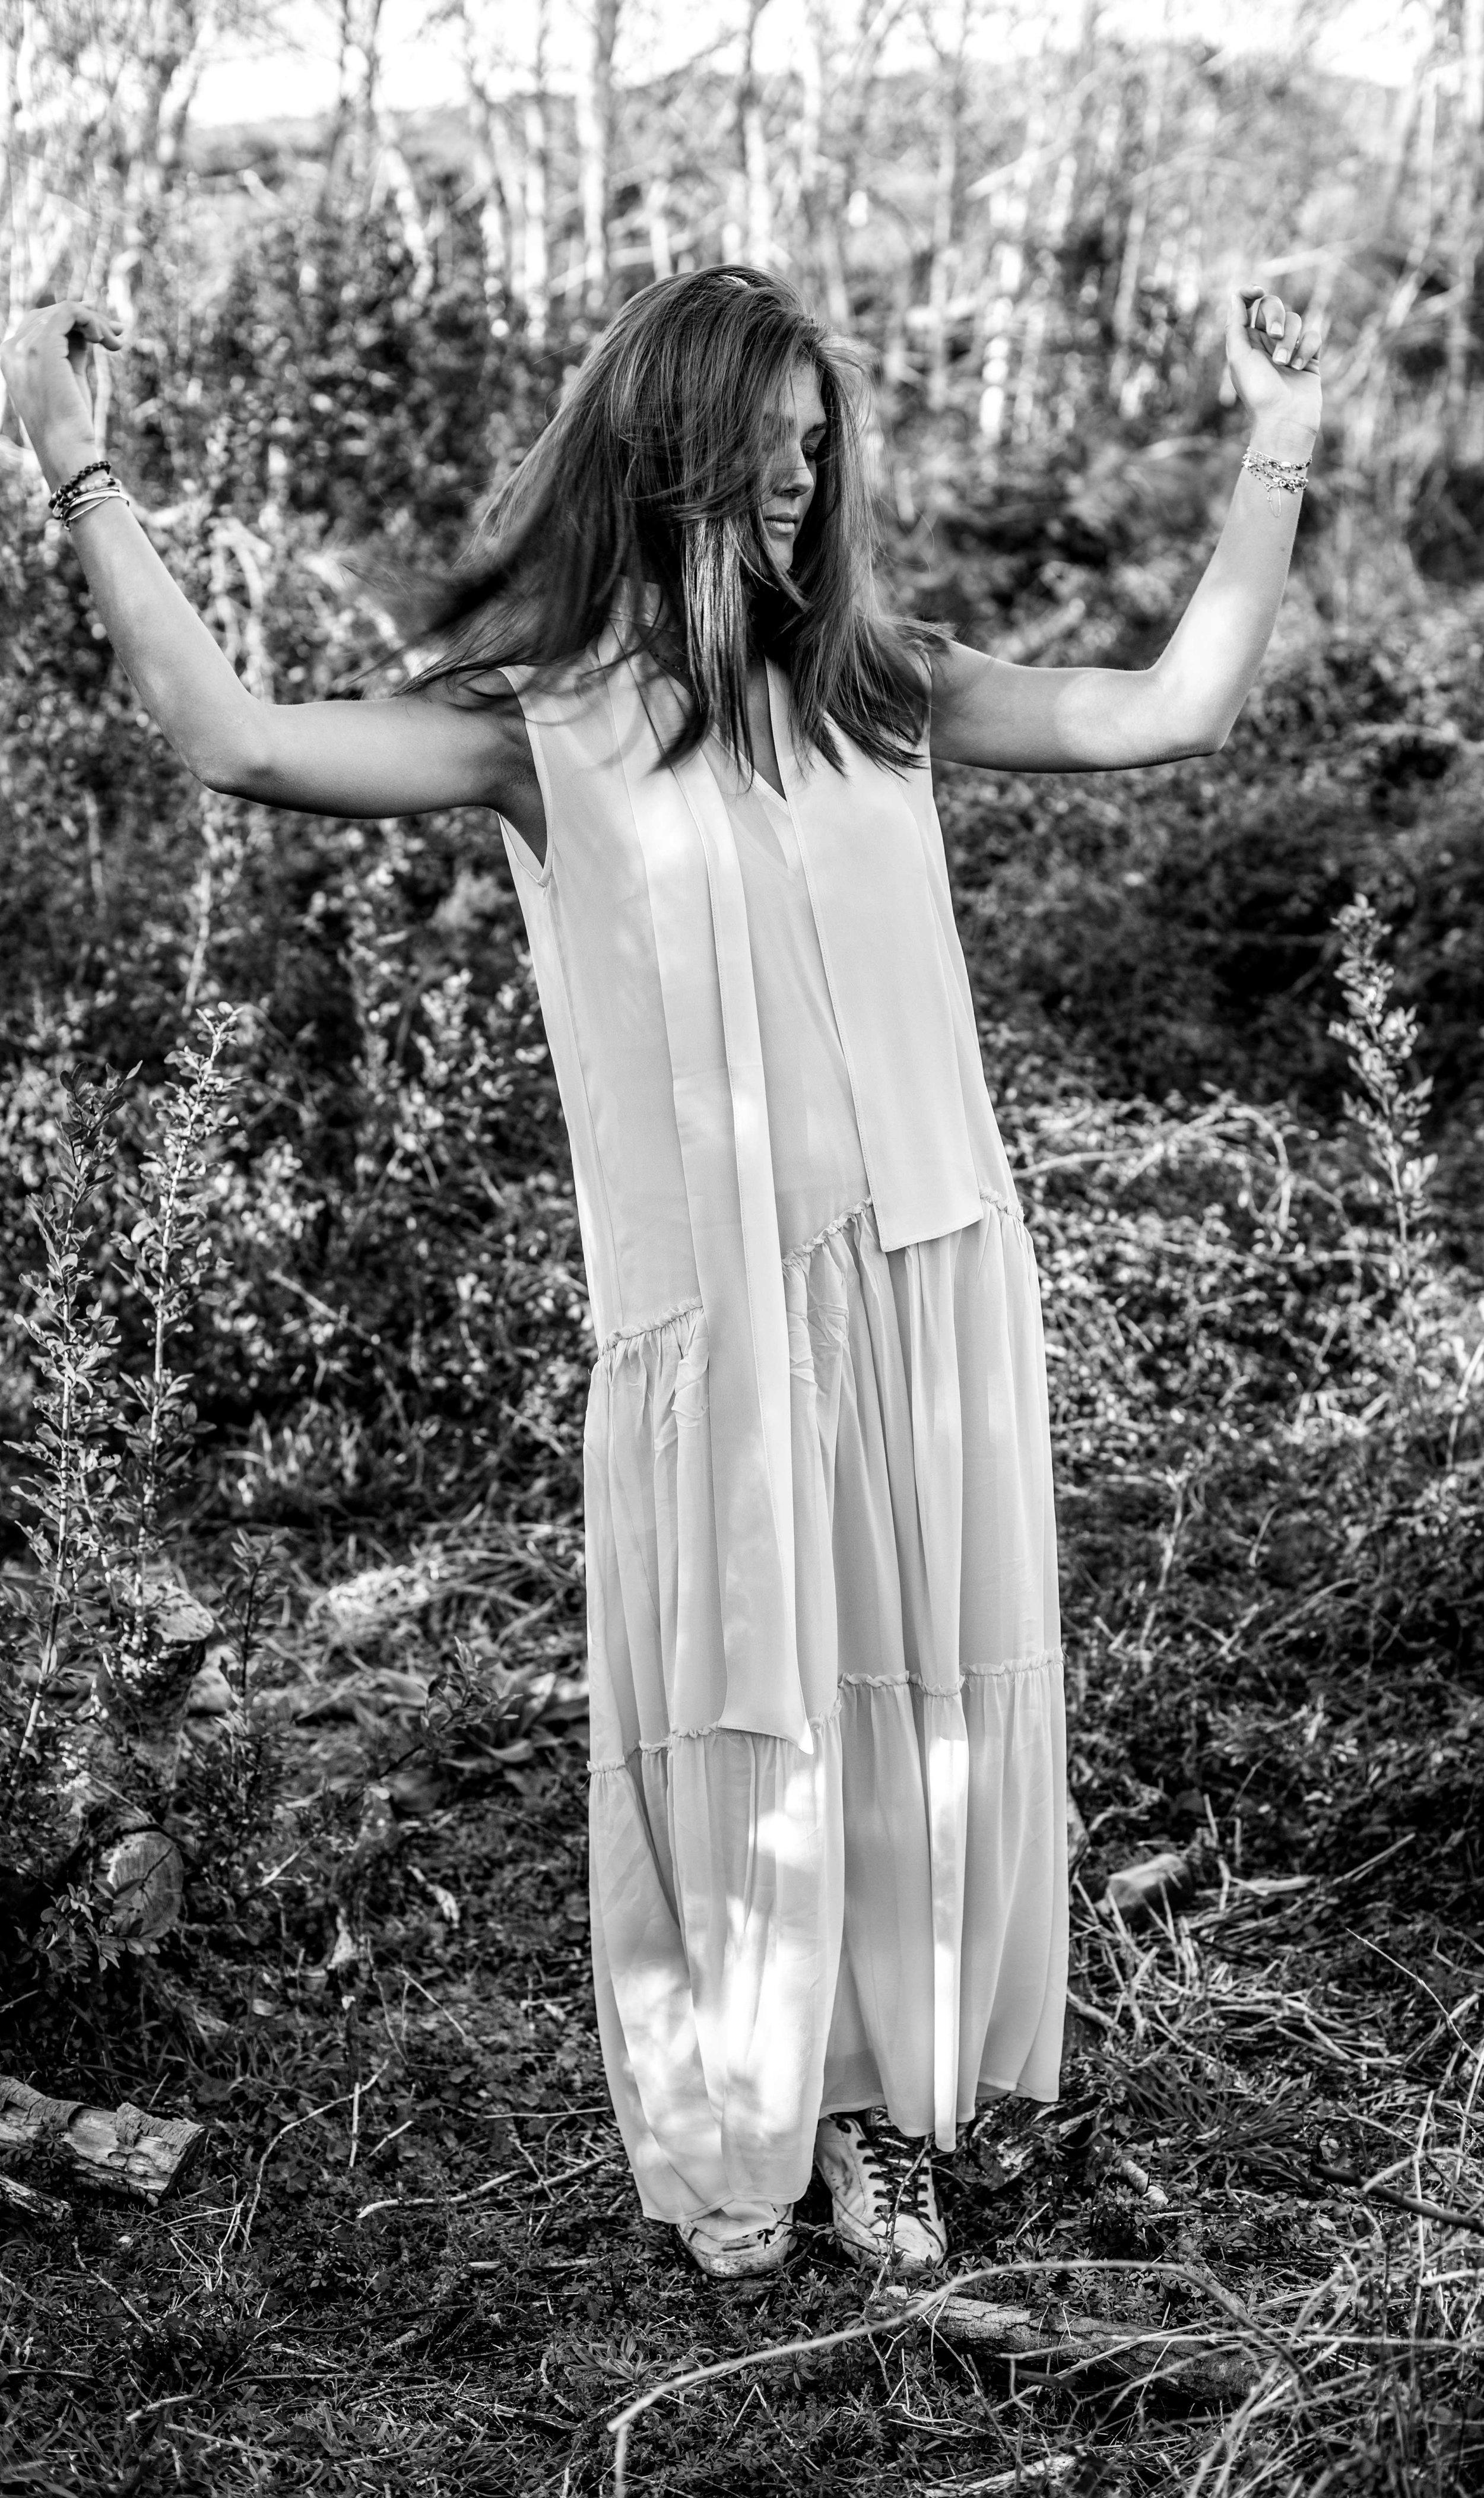 Spring_19 - Découvrez les premières pièces Printemps 2019Photographies : Petra Bernardi StevcikovaModèle : yu.ettori